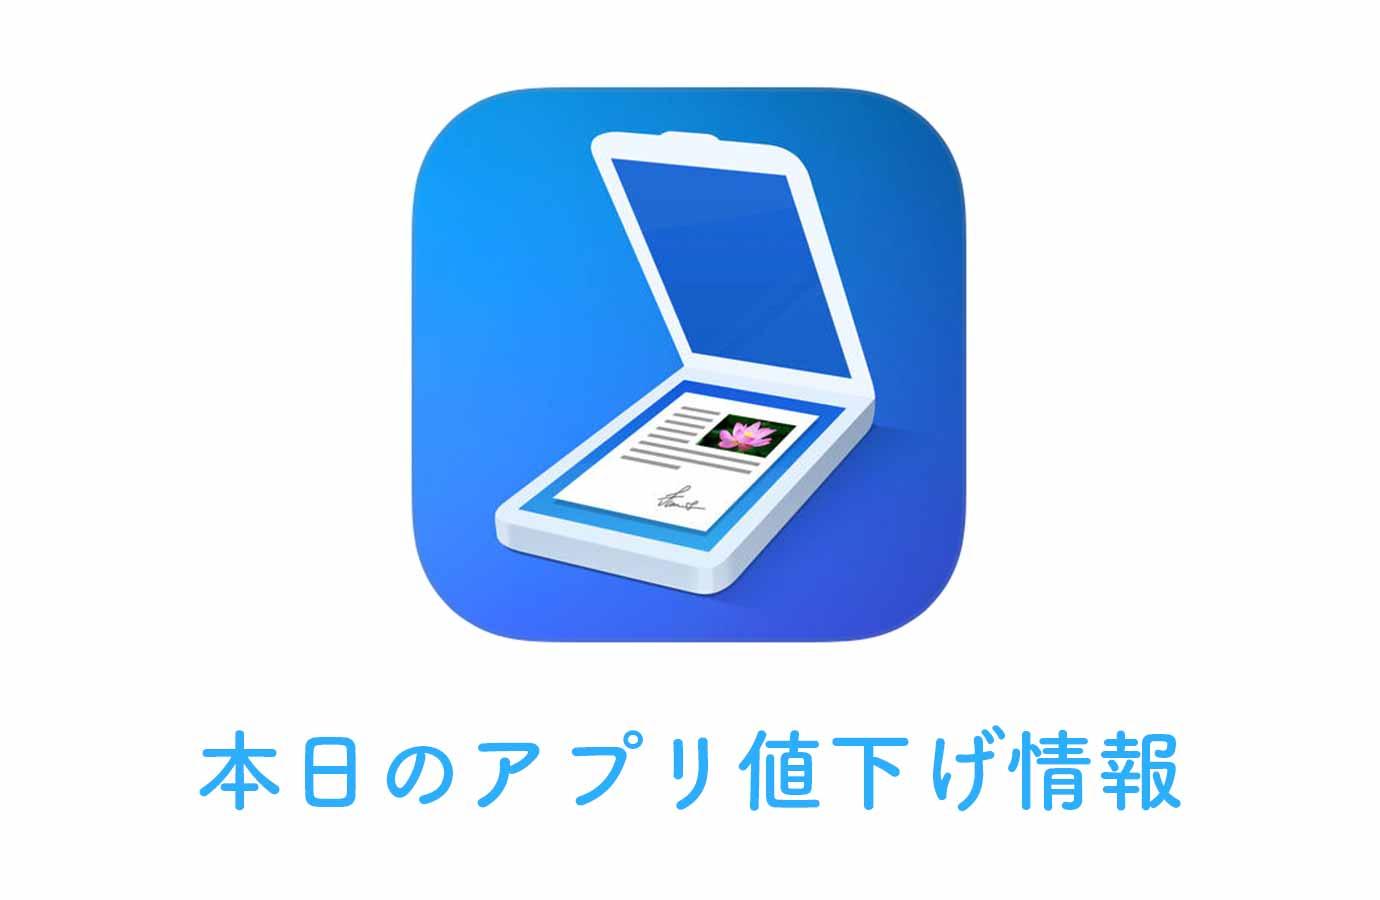 600円→480円!人気スキャナアプリ「Scanner Pro 7」など【12/14】アプリ値下げ情報